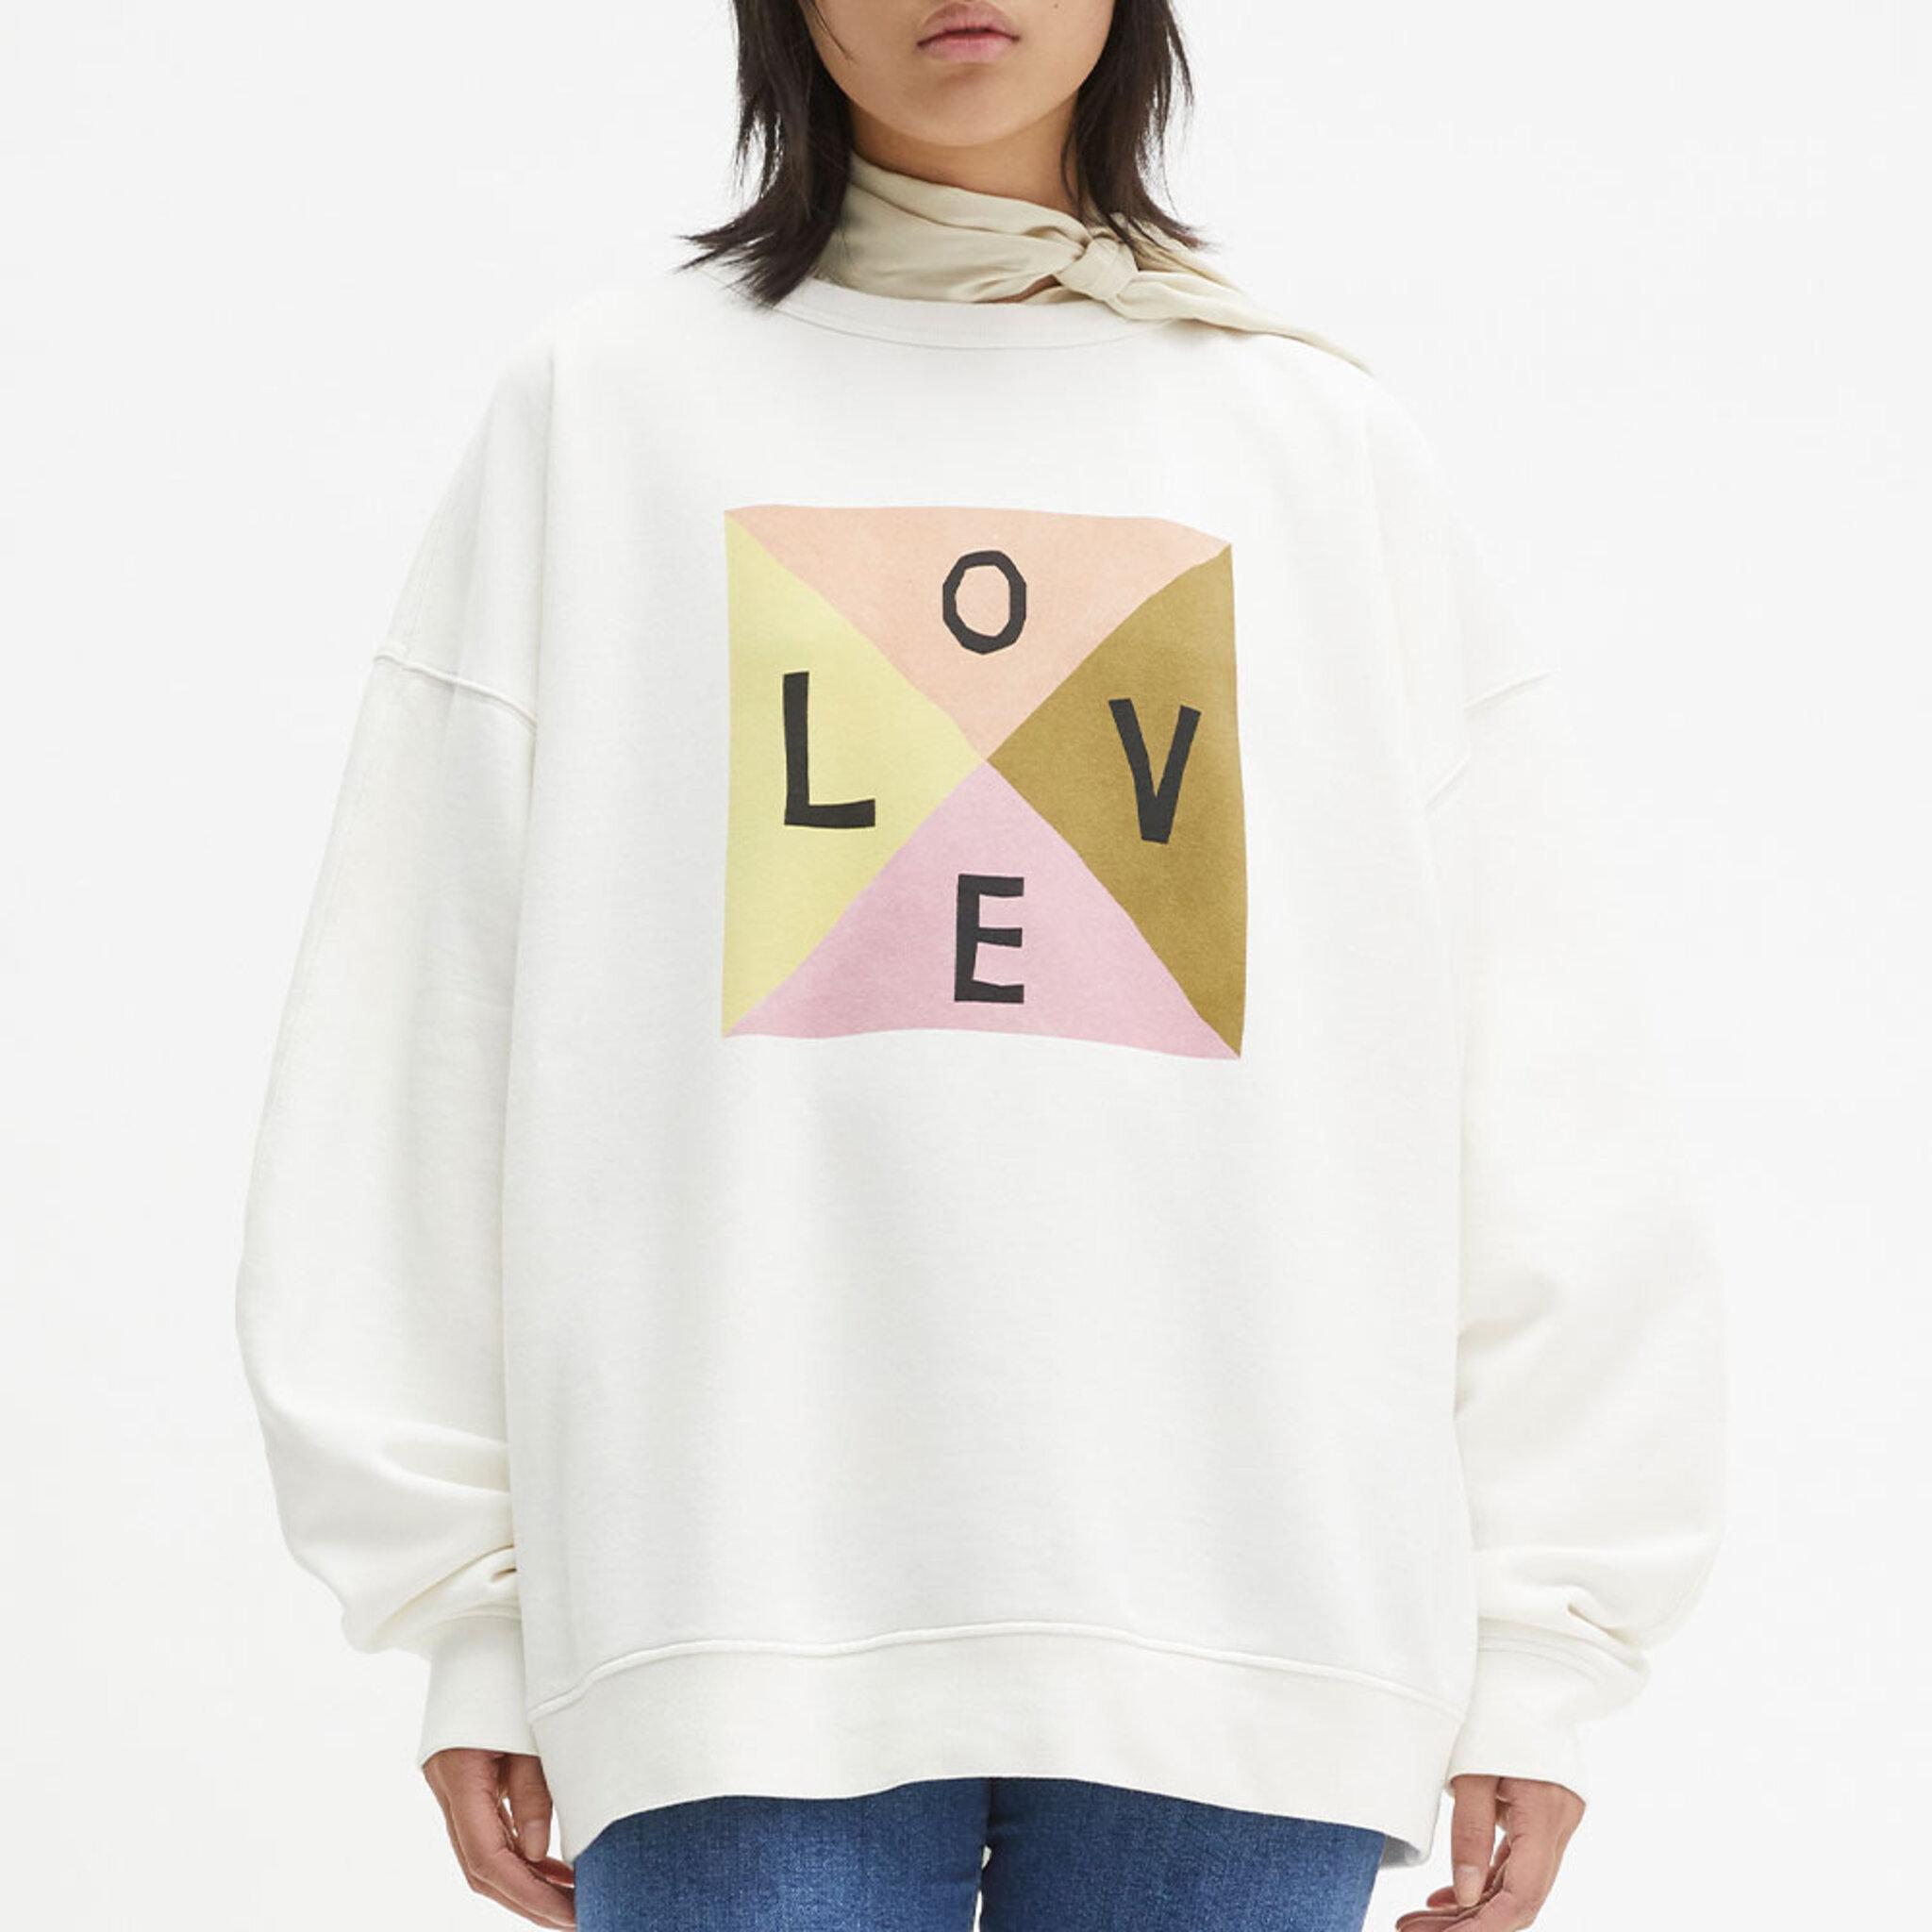 Iwa Love